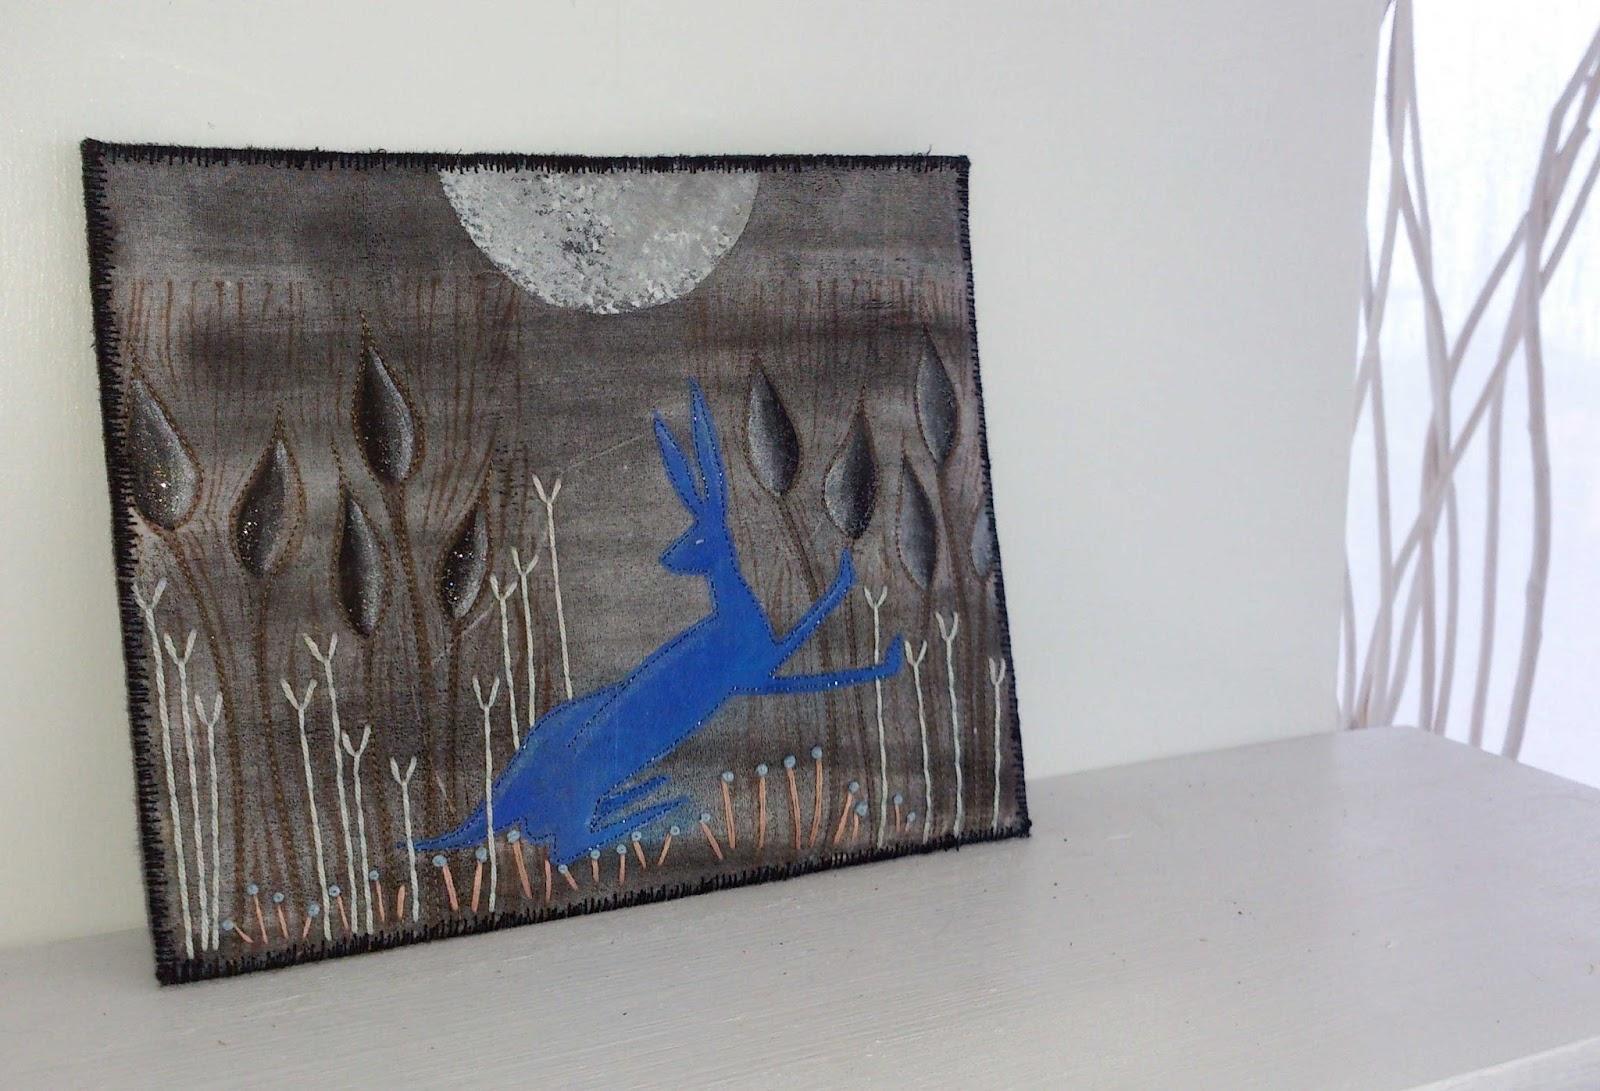 textile art by Deborah O'Hare